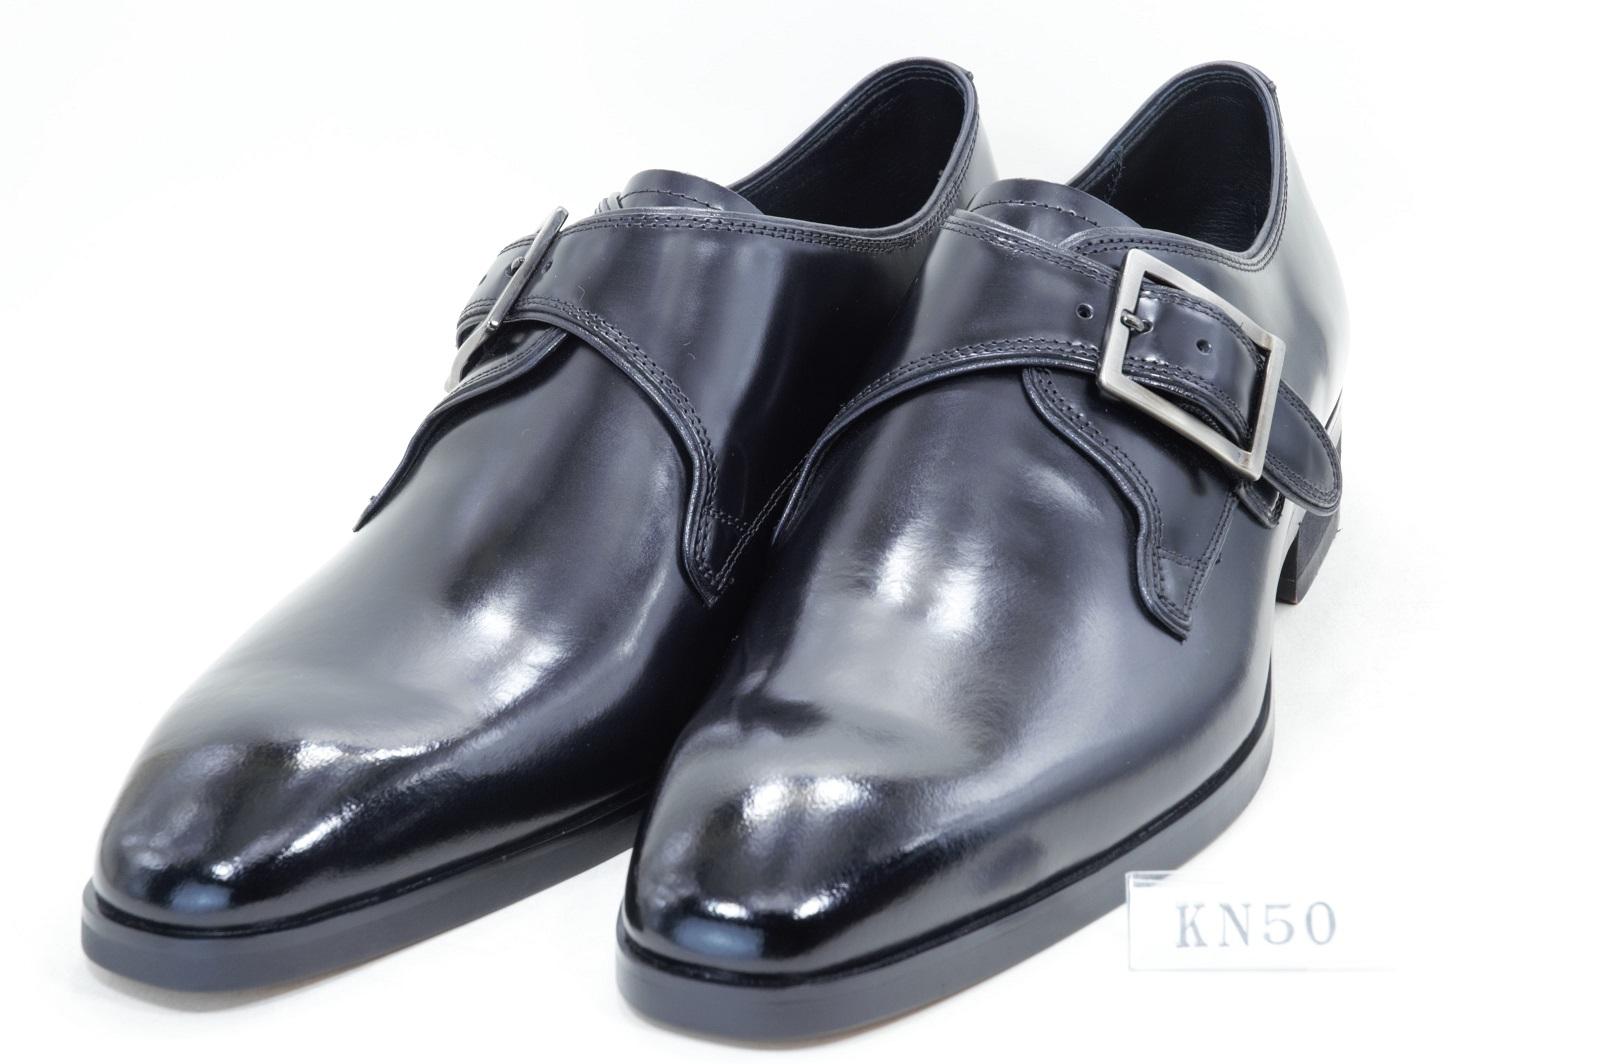 【特価22%OFF】ケンフォード(リーガル社製)    KN50 AF モクストラップ  黒 (3E)